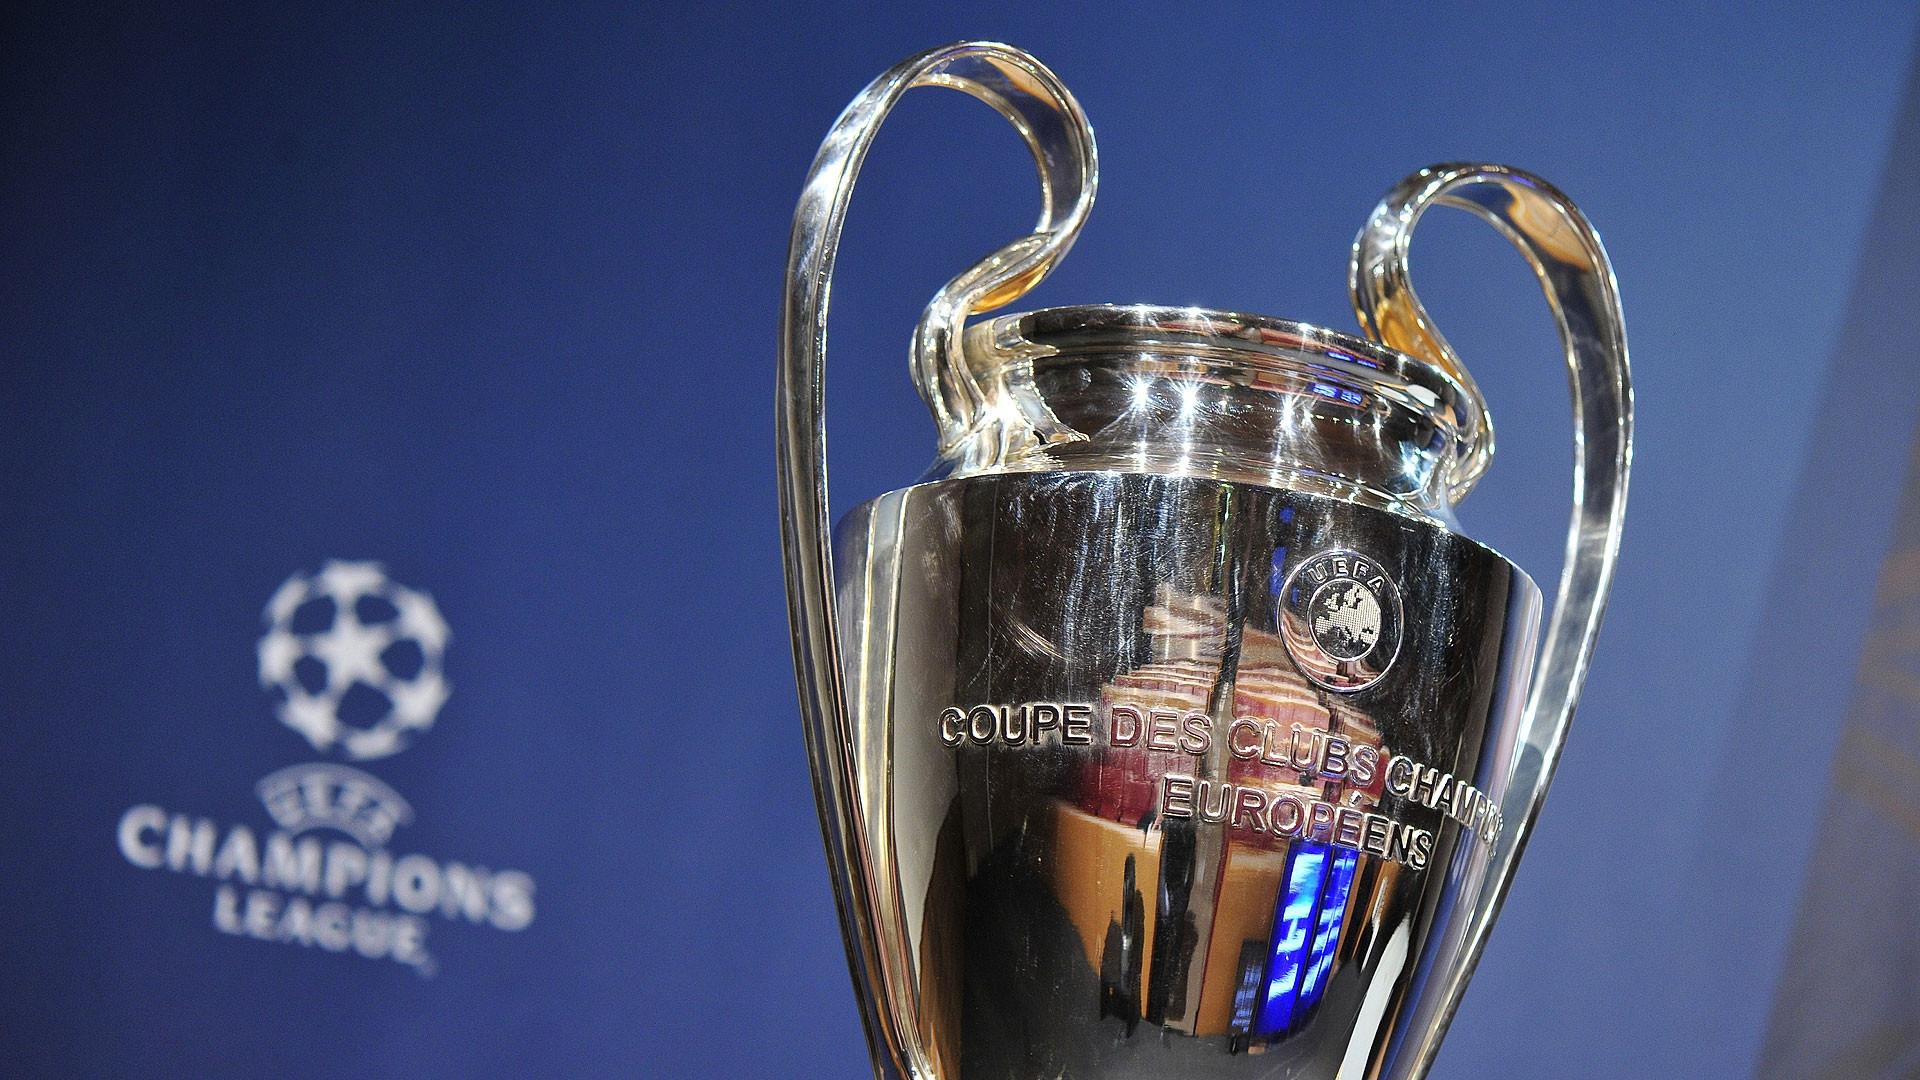 На фото: Секреты ставок на Лигу Чемпионов УЕФА в 2021-2022 гг. от Париматч, автор: admin